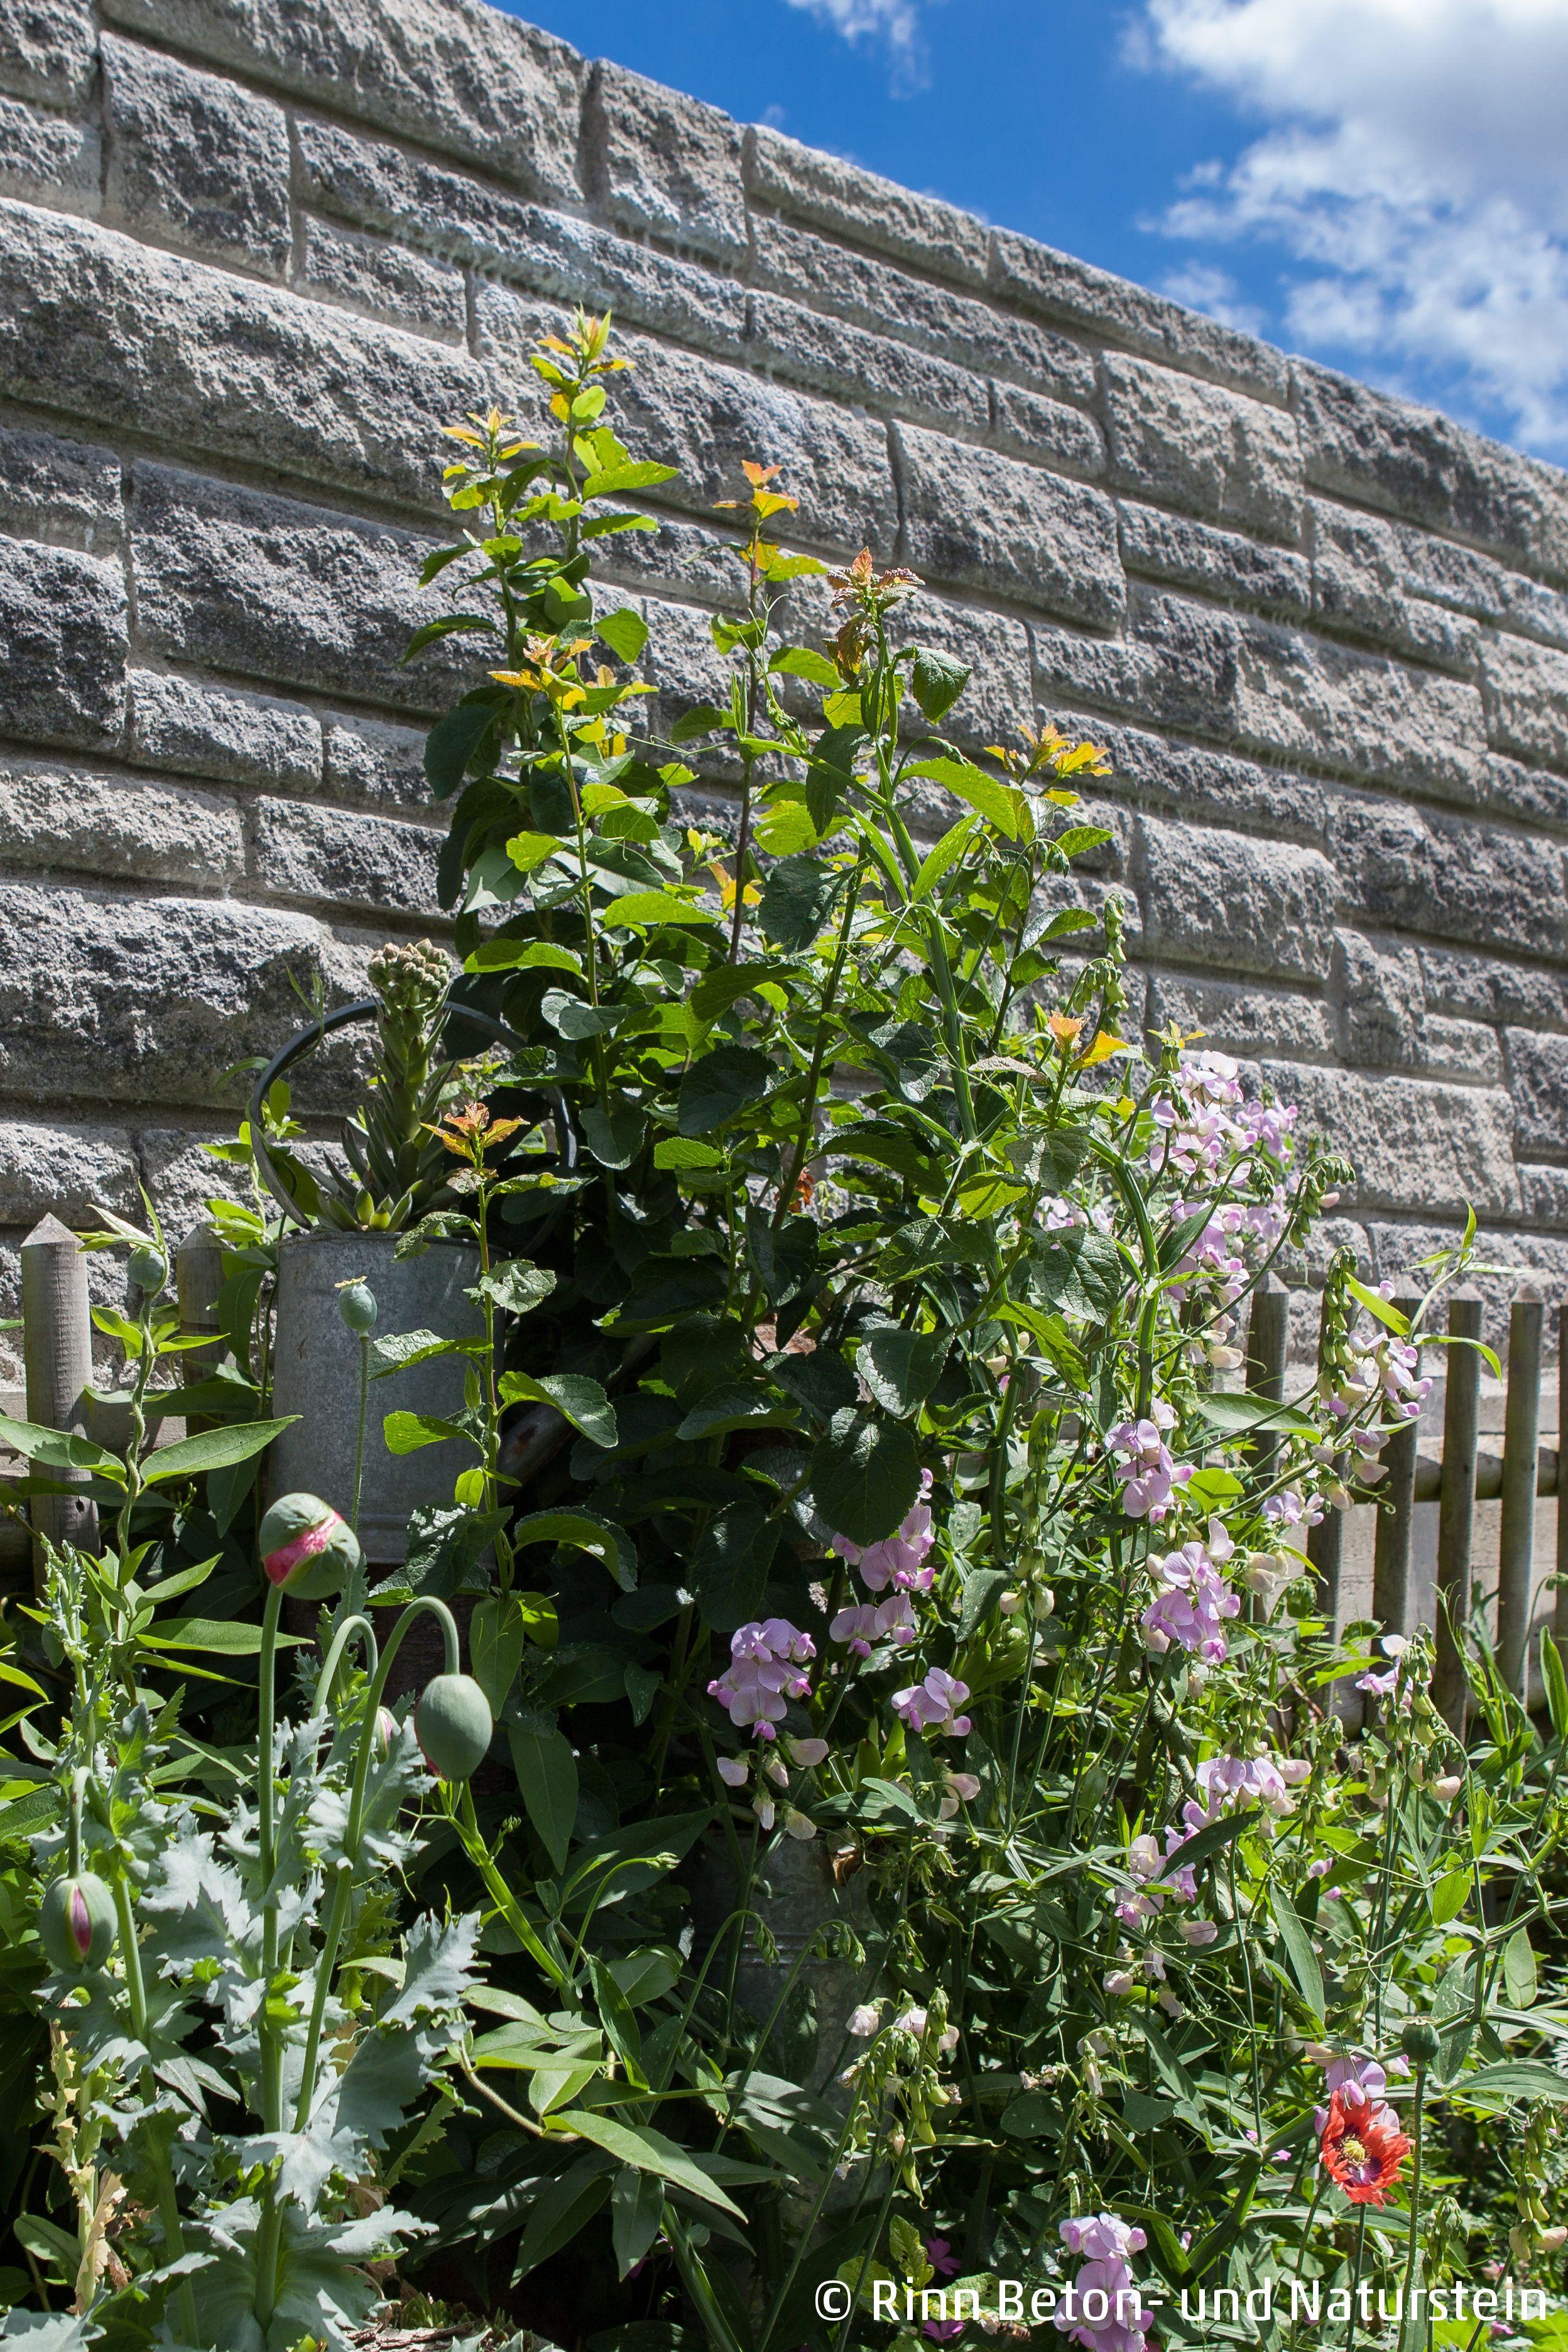 Vor Der Steinmauer Die Zur Hangbefestigung Dient Wurden Stauden Und Gewachse Gepflanzt Die Sich Am Holzzaun Entlanghangeln Gartengestaltung Stauden Gewachs